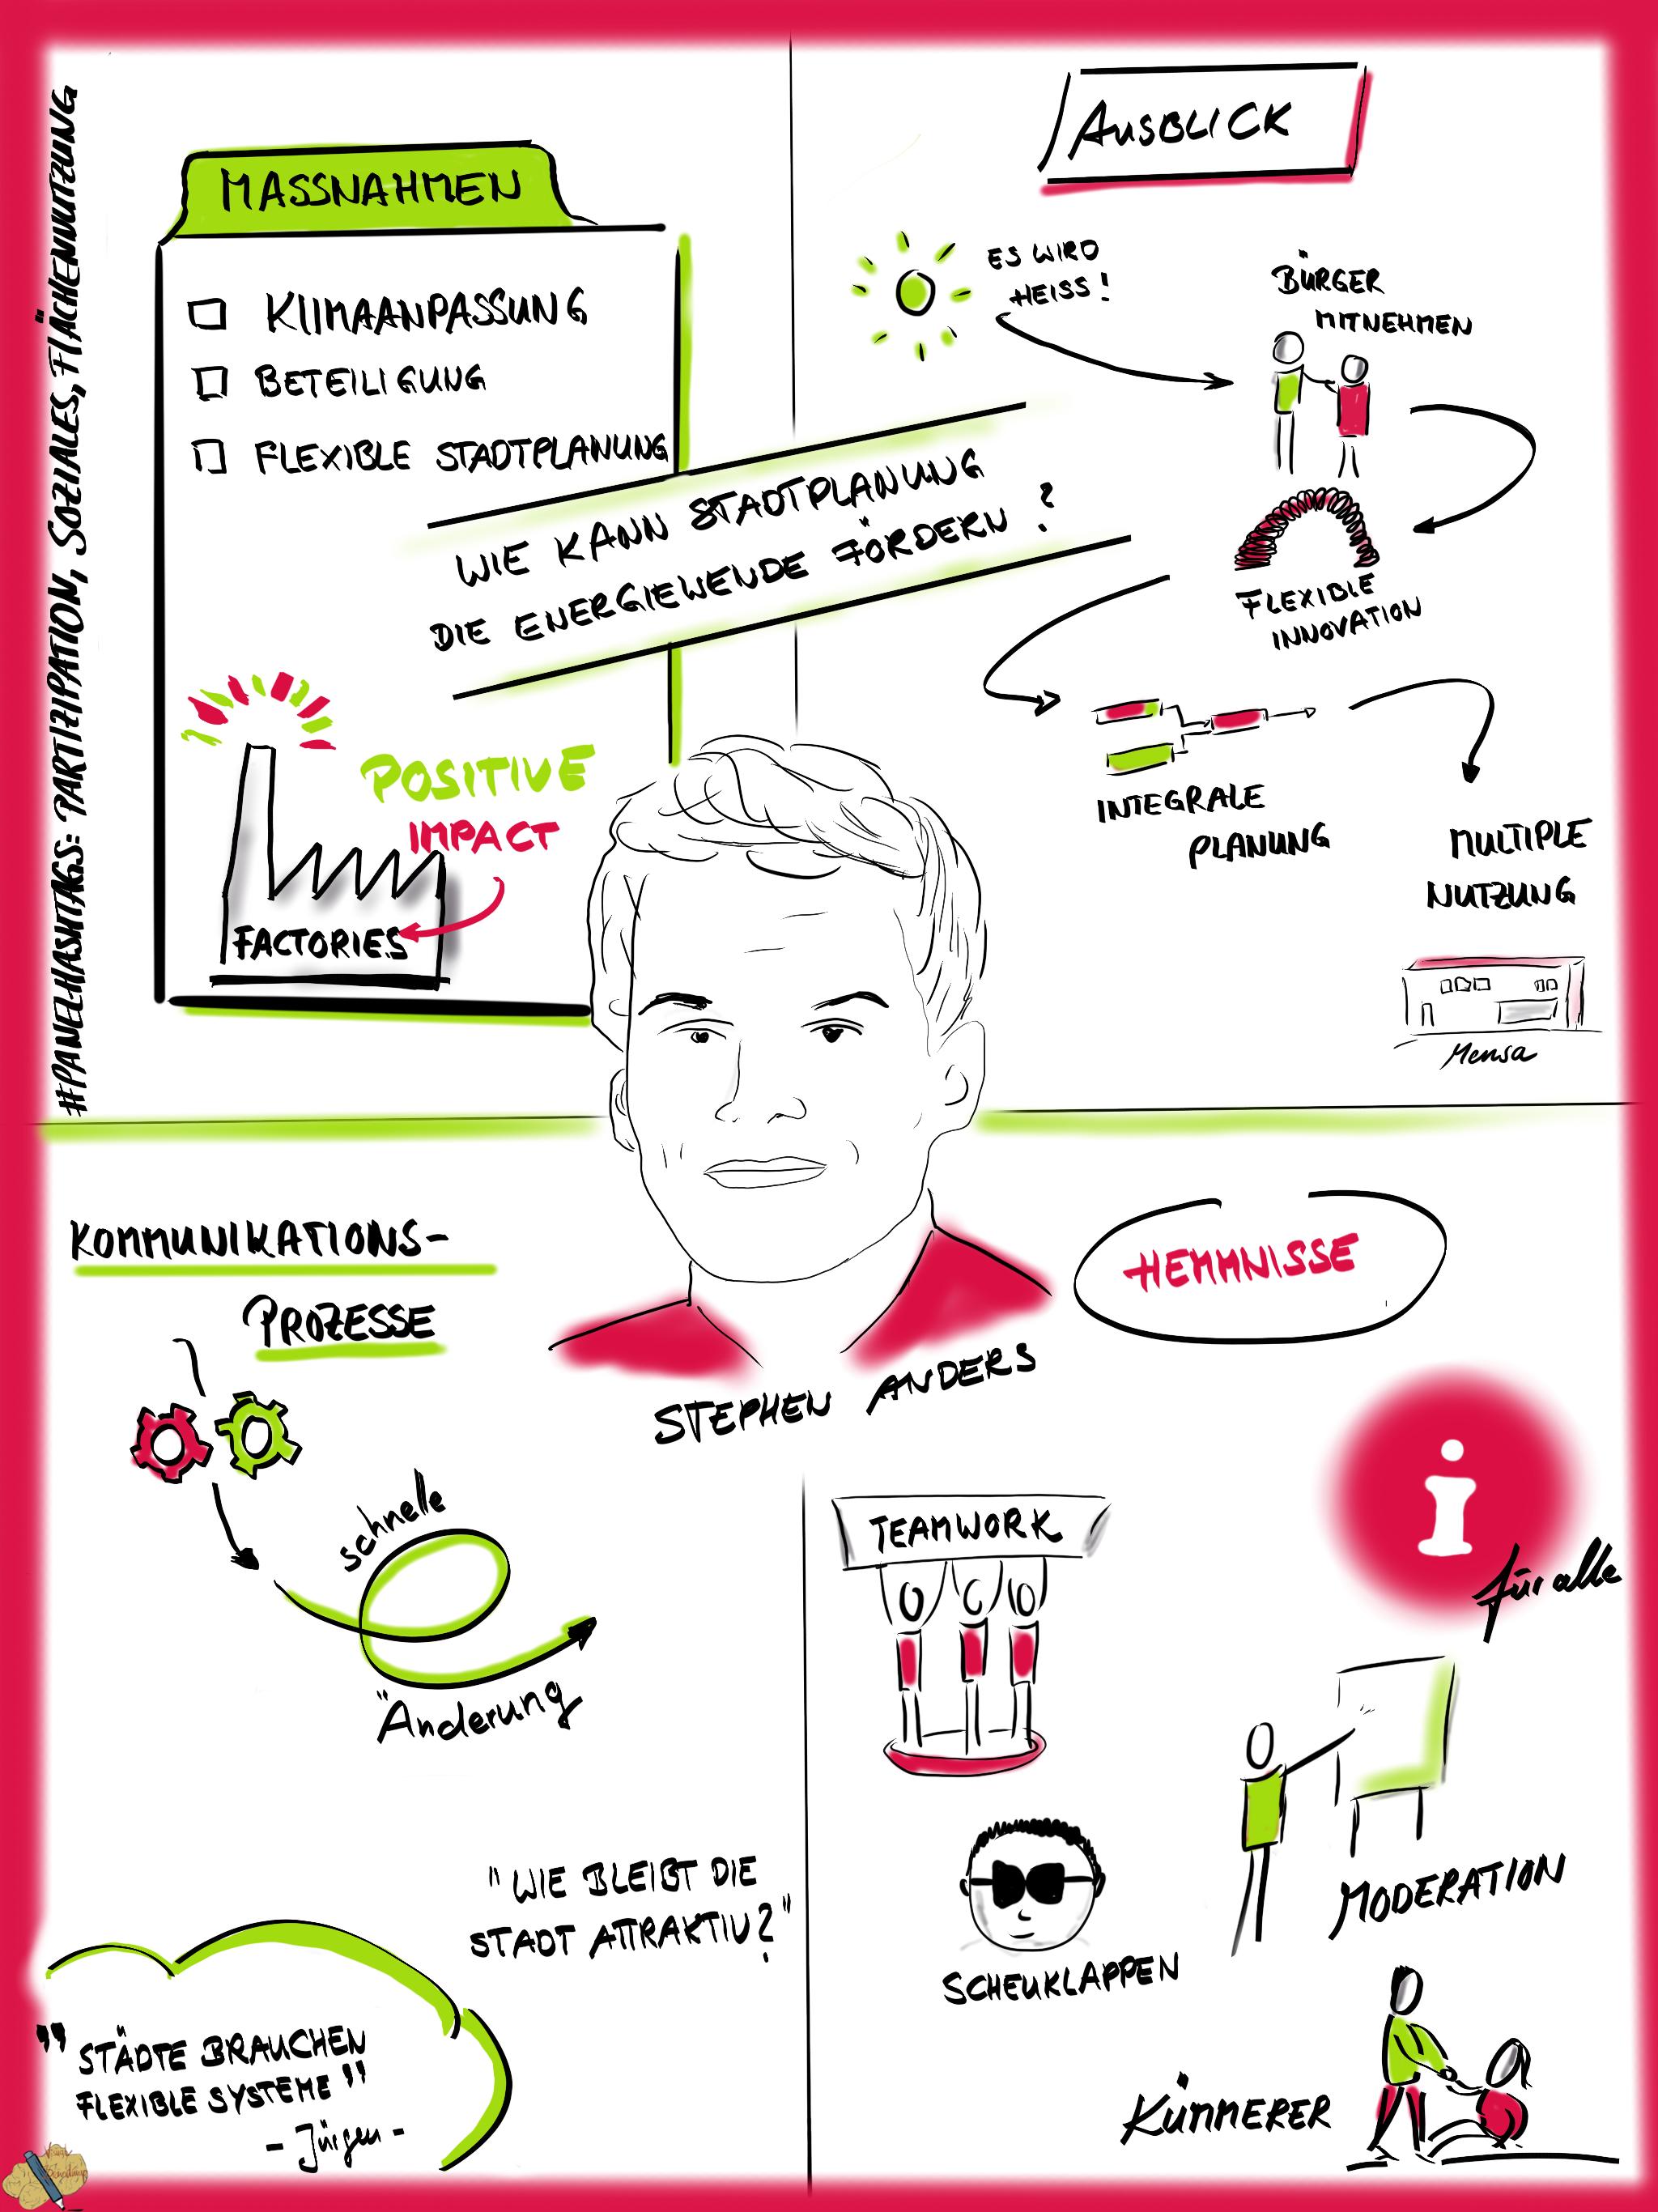 #UET2017, urbane Energiewende: Das Panel von Dr. Stephan Anders von der DGNB Deutsche Gesellschaft für Nachhaltiges Bauen e.V. diskutierte über energetisch optimierte Stadtplanung: Wie kann die Stadtplanung die Energiewende fördern?